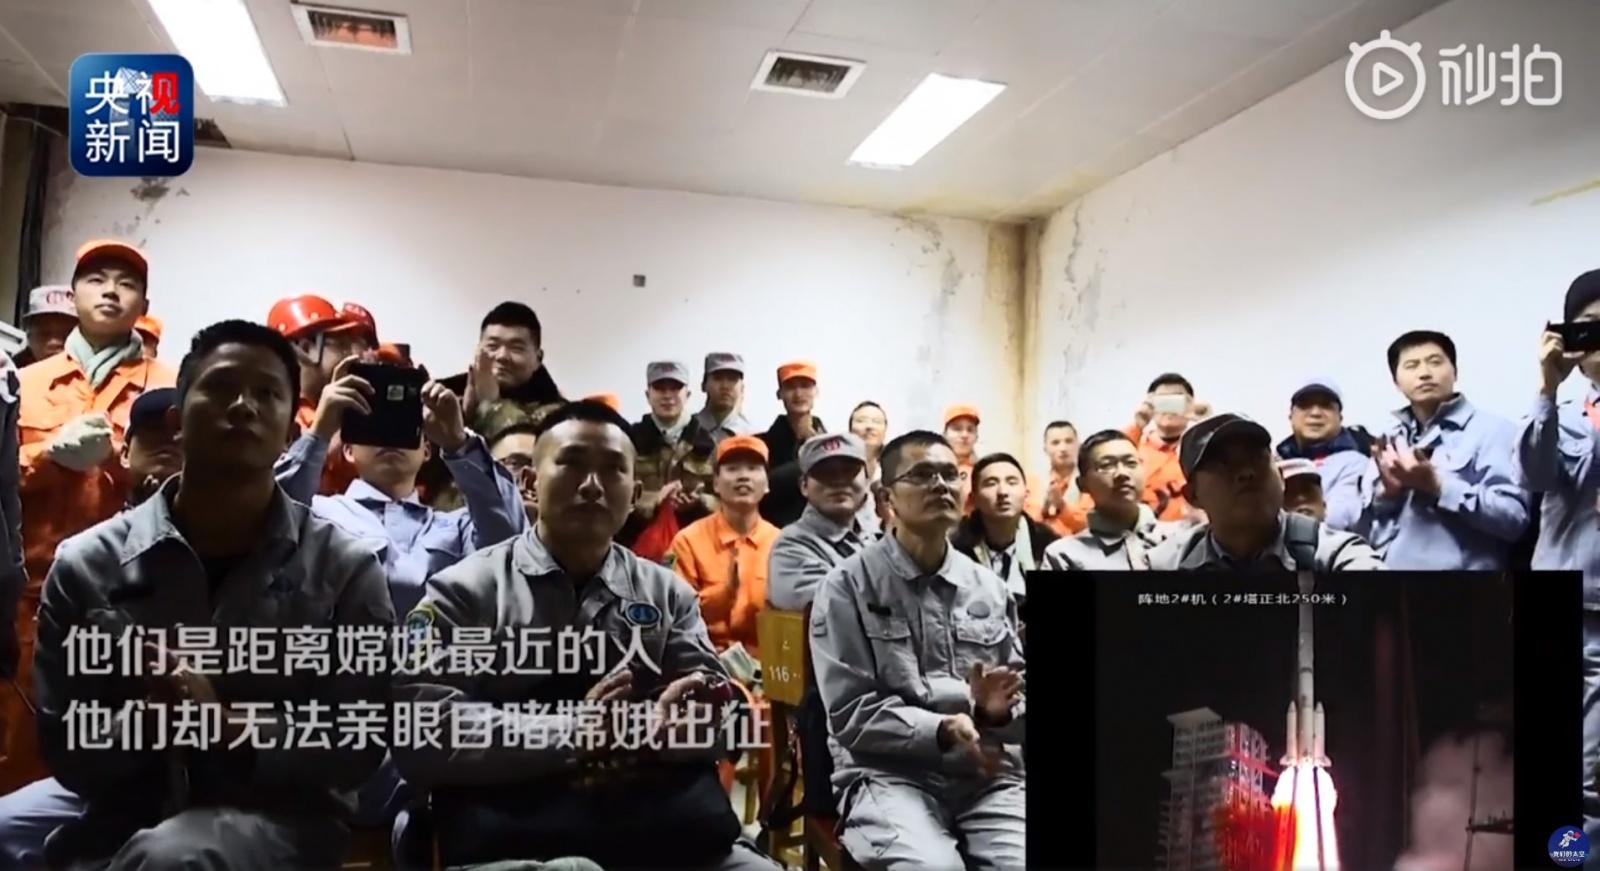 Суровая рабочая реальность — Китайский космодром Сичан (Xichang Satellite Launch Center — XSLC) - 114